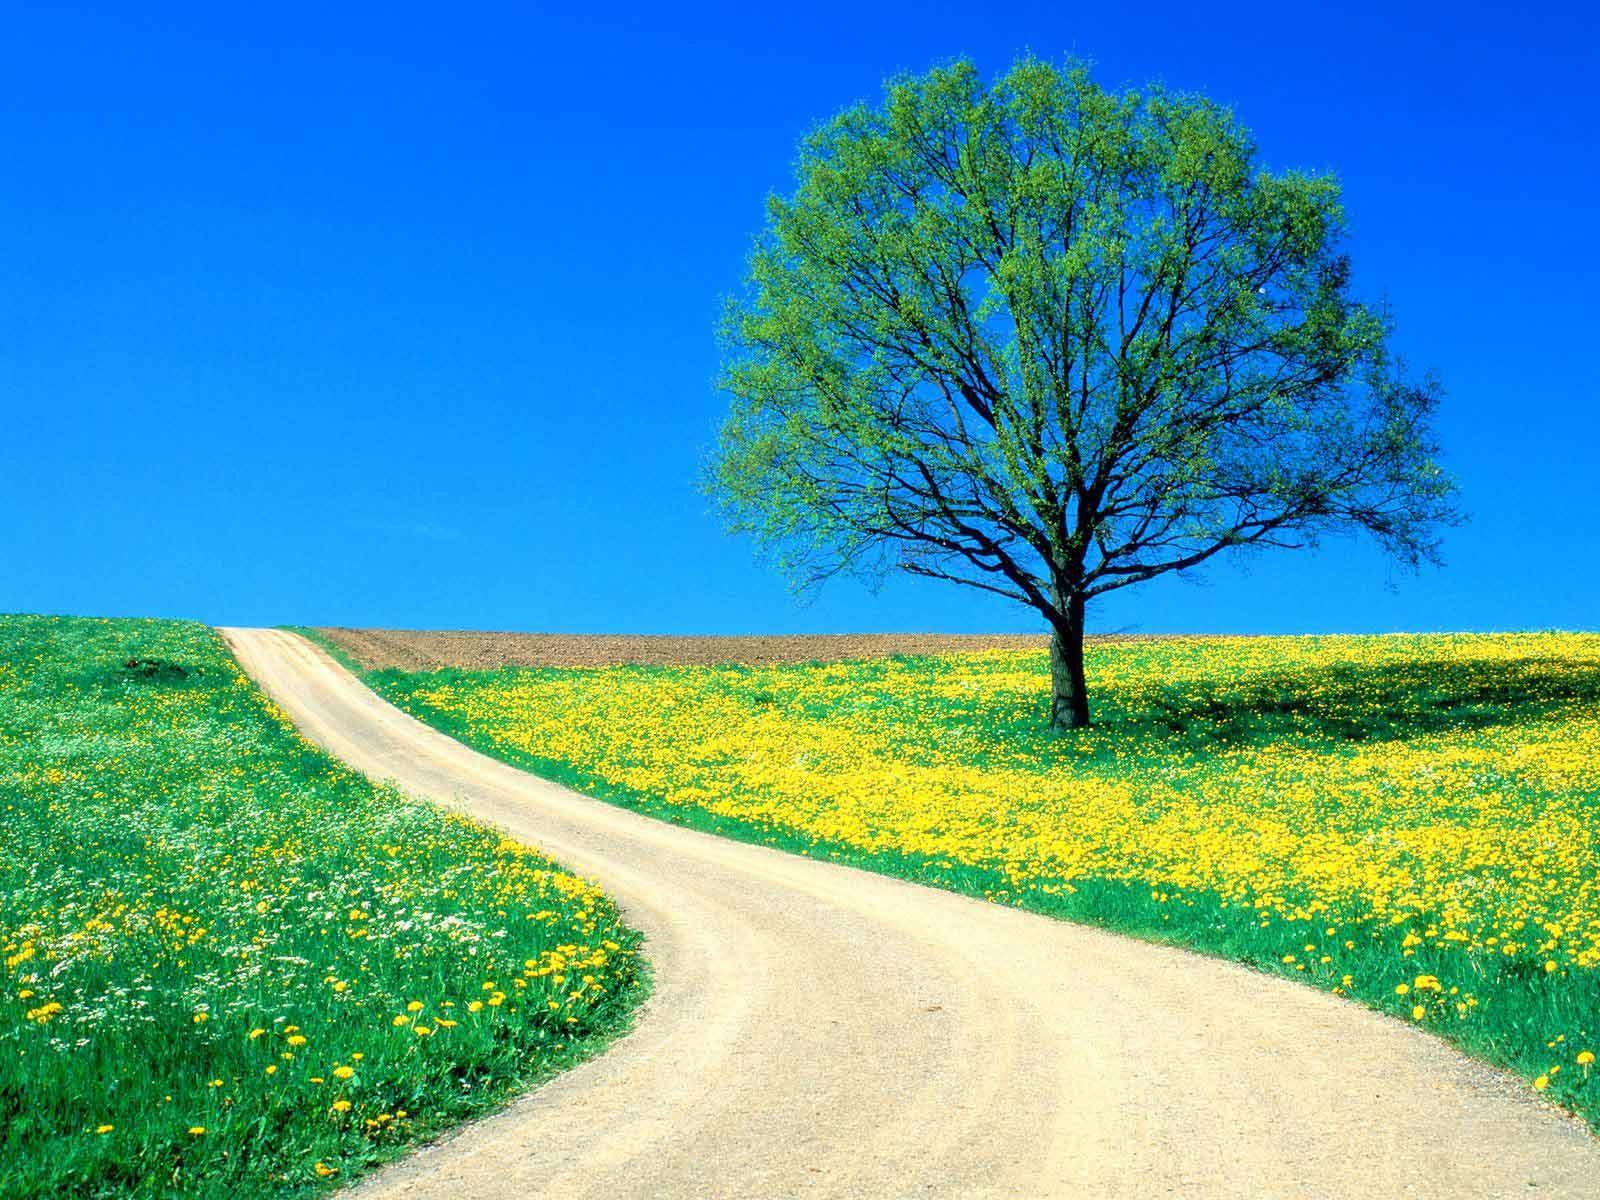 عکس هایی زیبا و رؤیایی از طبیعت با کیفیت بالا!